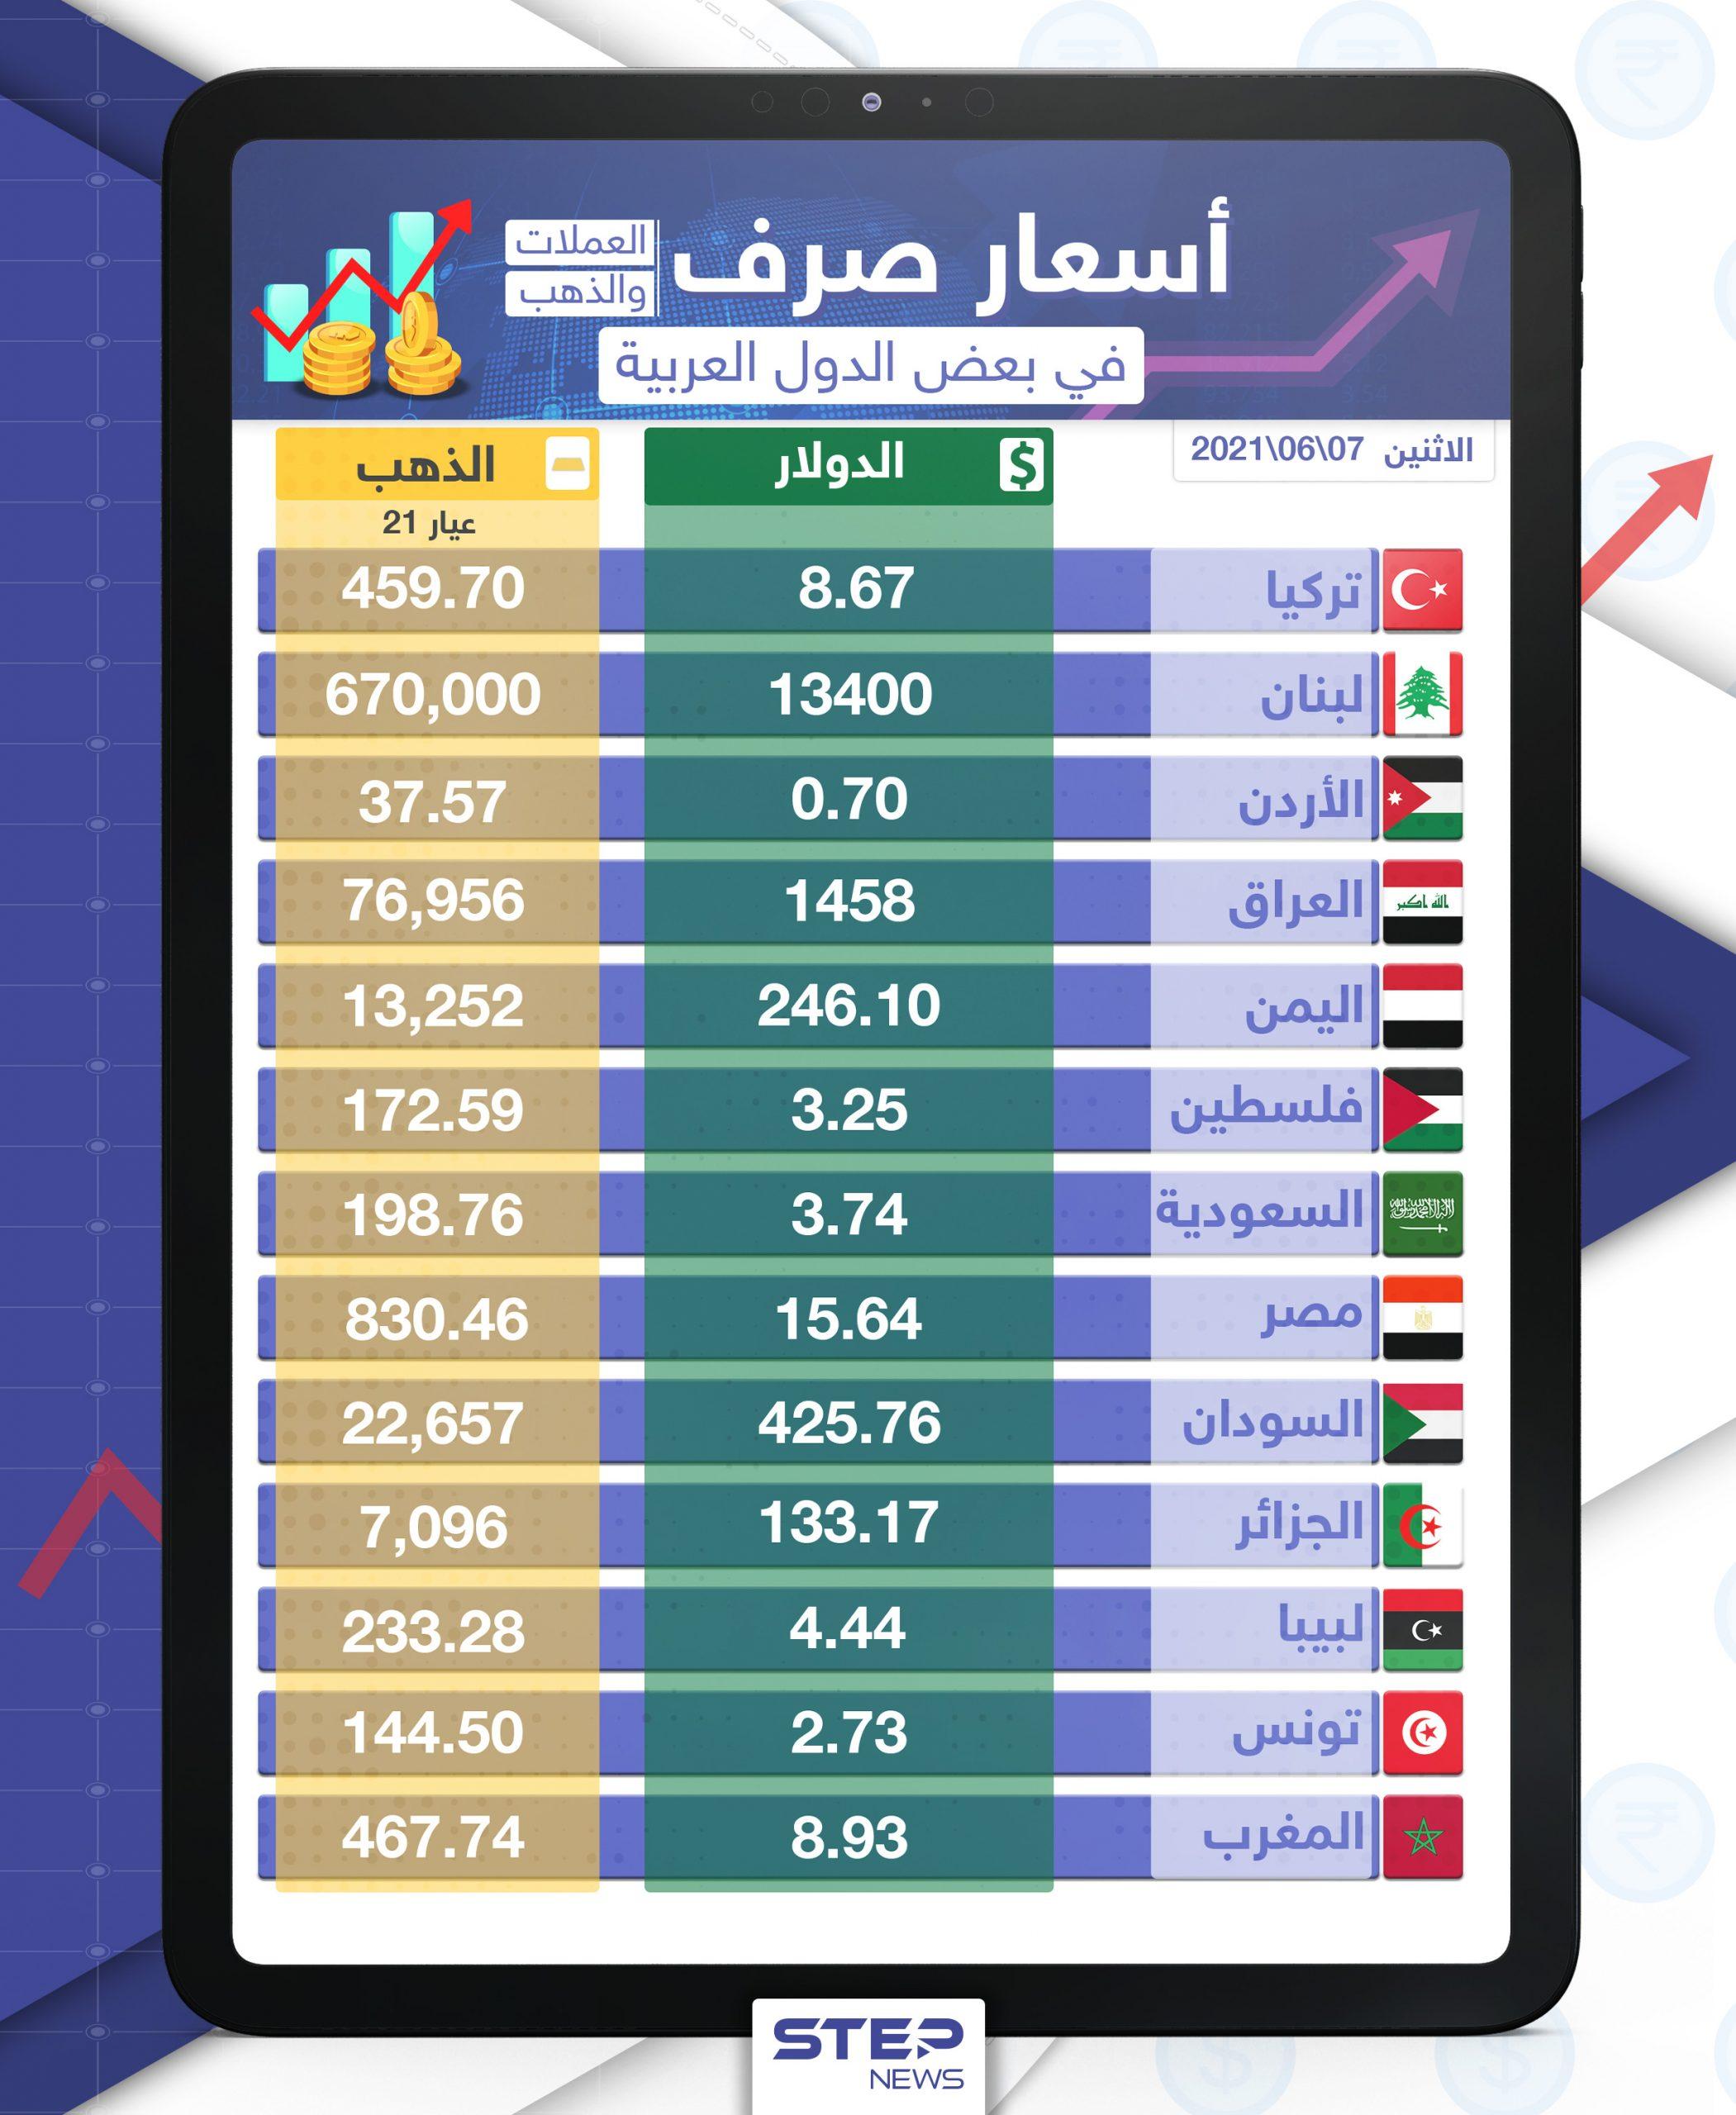 أسعار الذهب والعملات للدول العربية وتركيا اليوم الاثنين الموافق 07 حزيران 2021